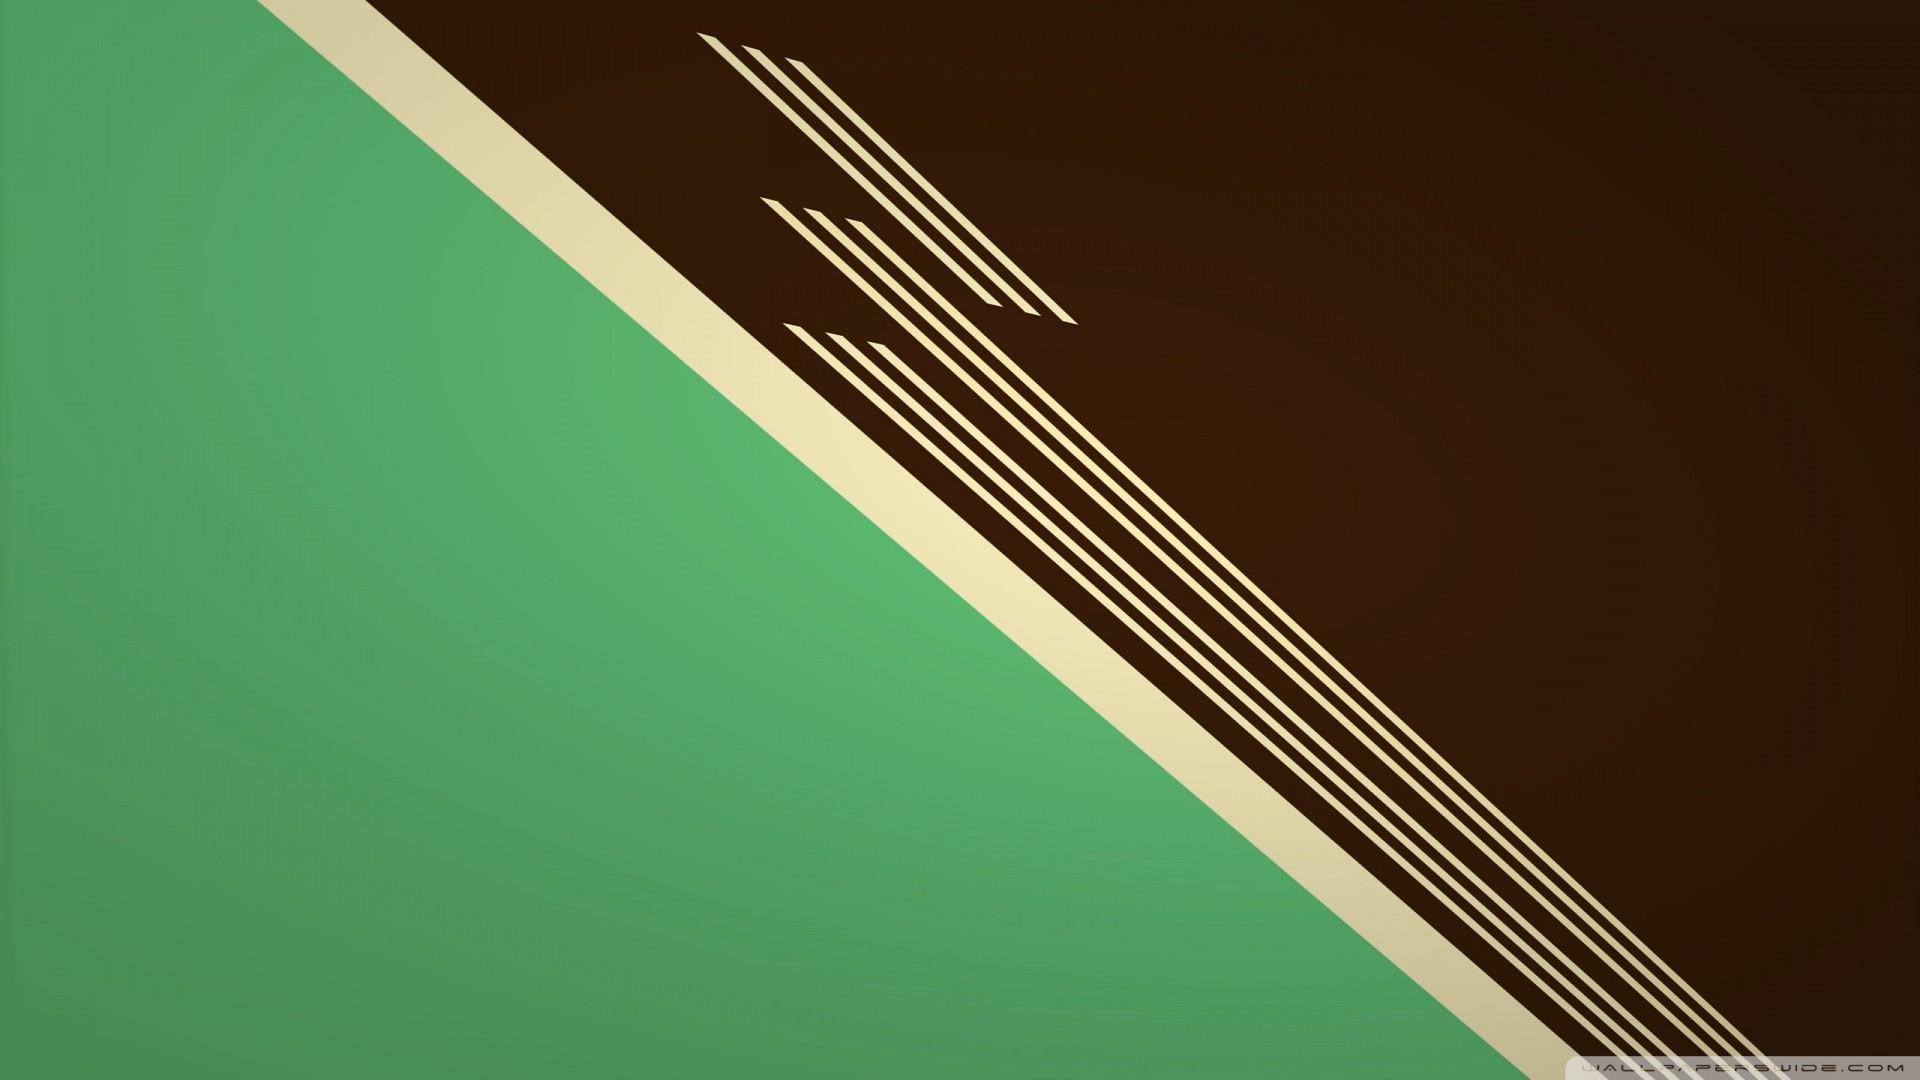 Retro Wallpaper Mobile